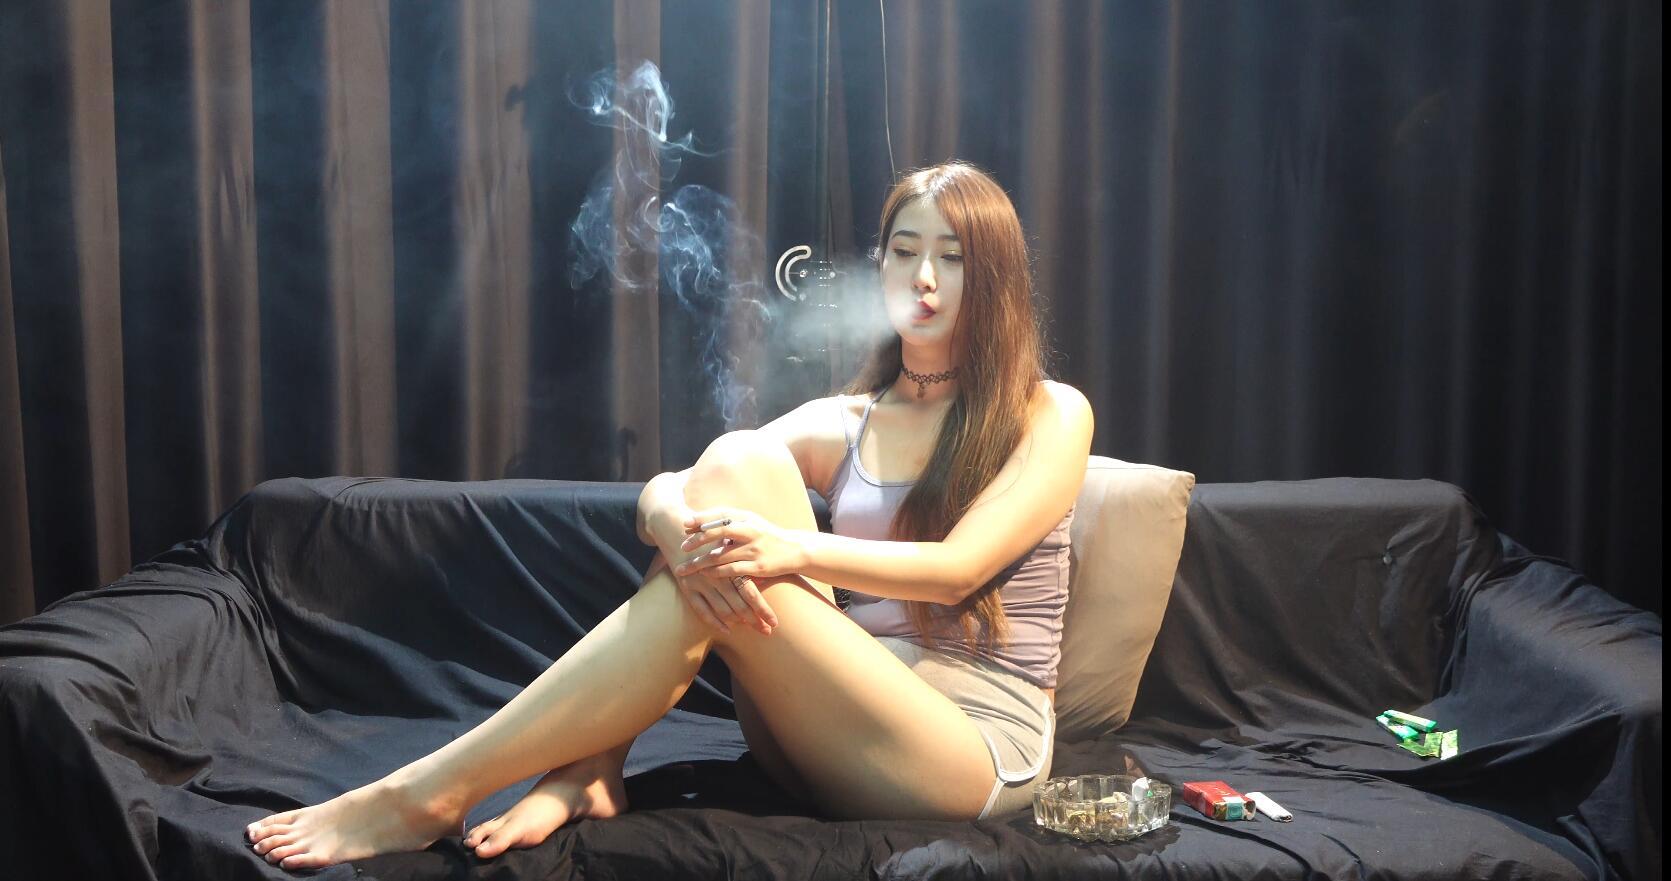 有好几年烟瘾的小姐姐自称很难戒了戒烟真的这么难吗?